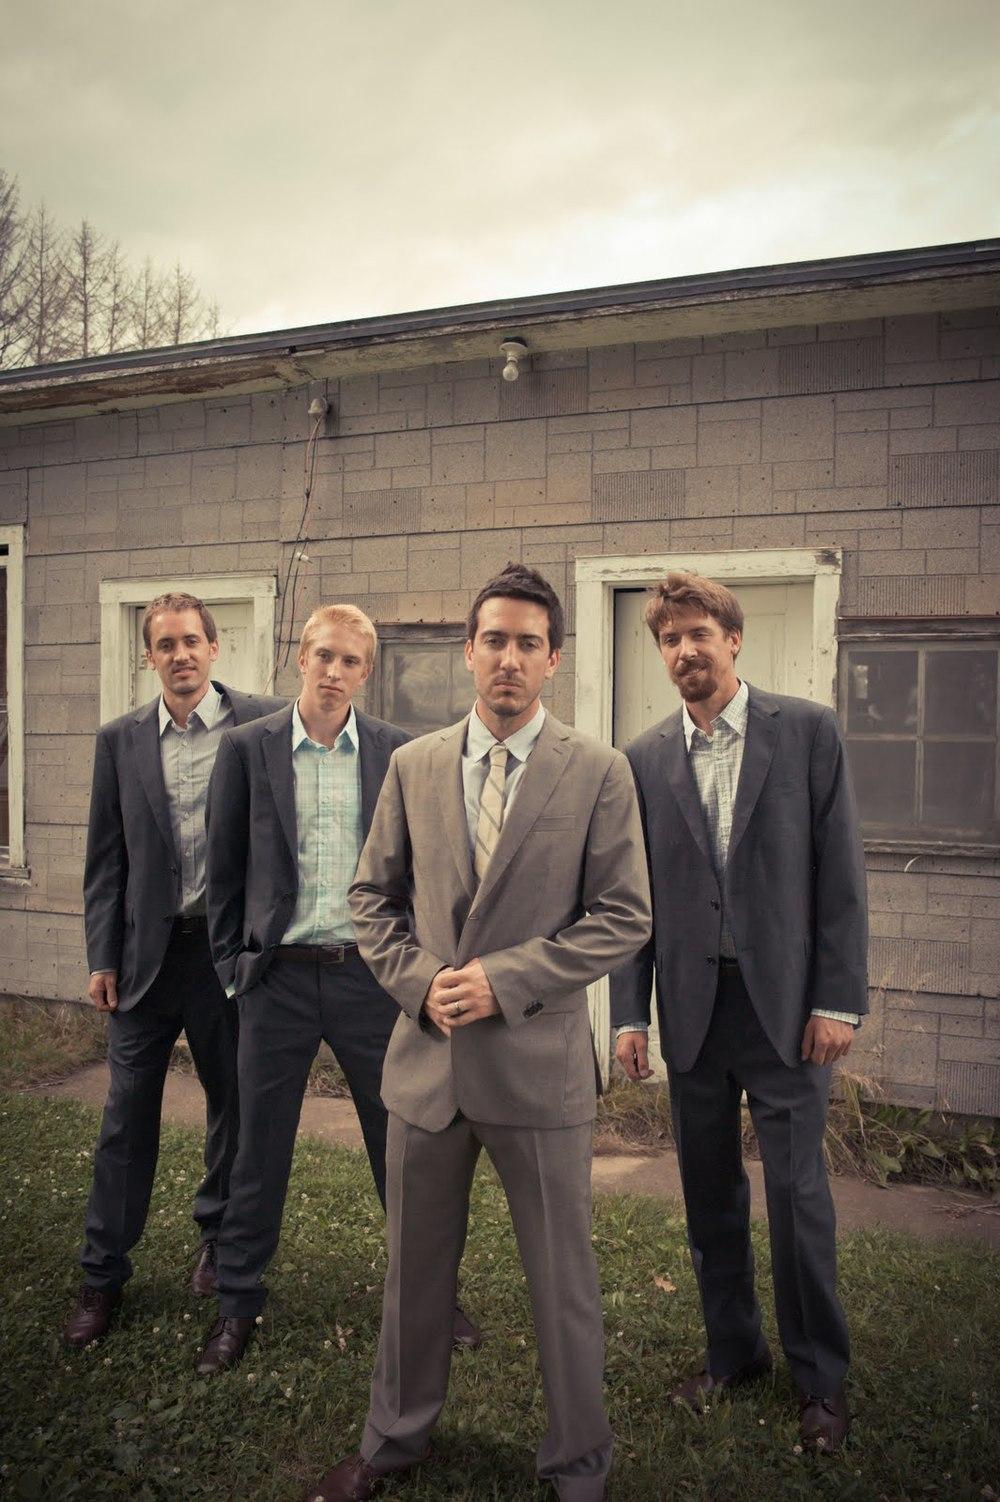 6_Forsberg_groomsmen_groom.jpg